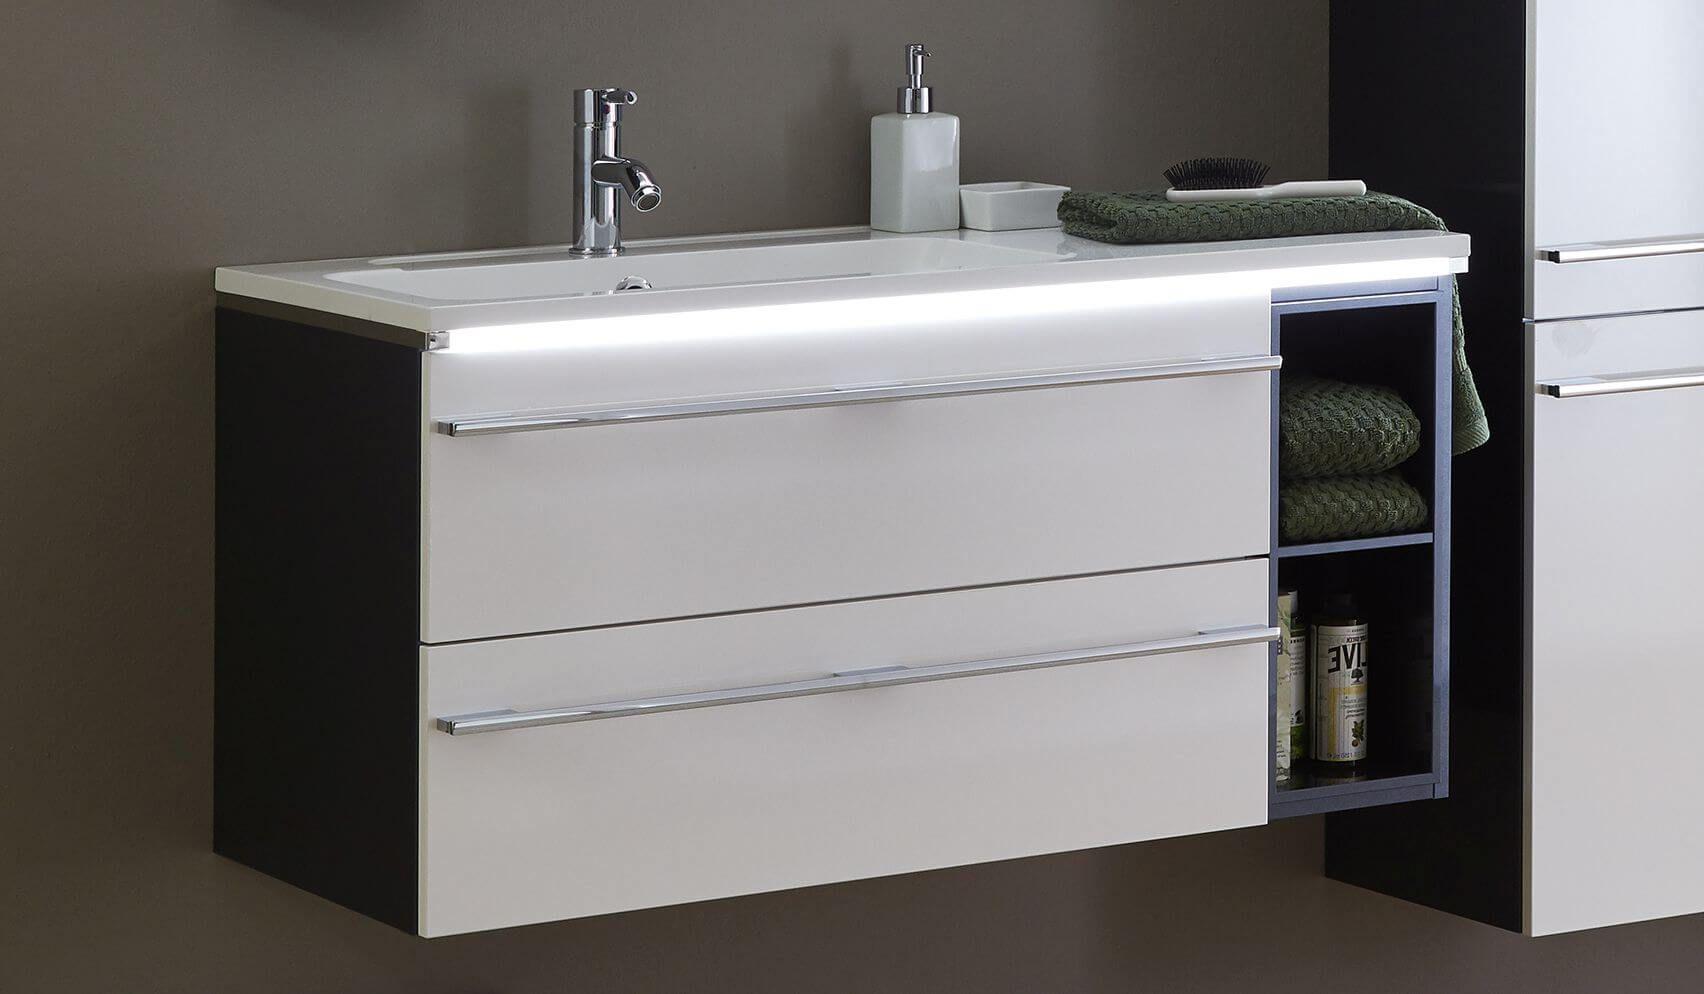 Marlin Bad 3250 Waschtisch-Set 100 Cm / Regal + Auszüge